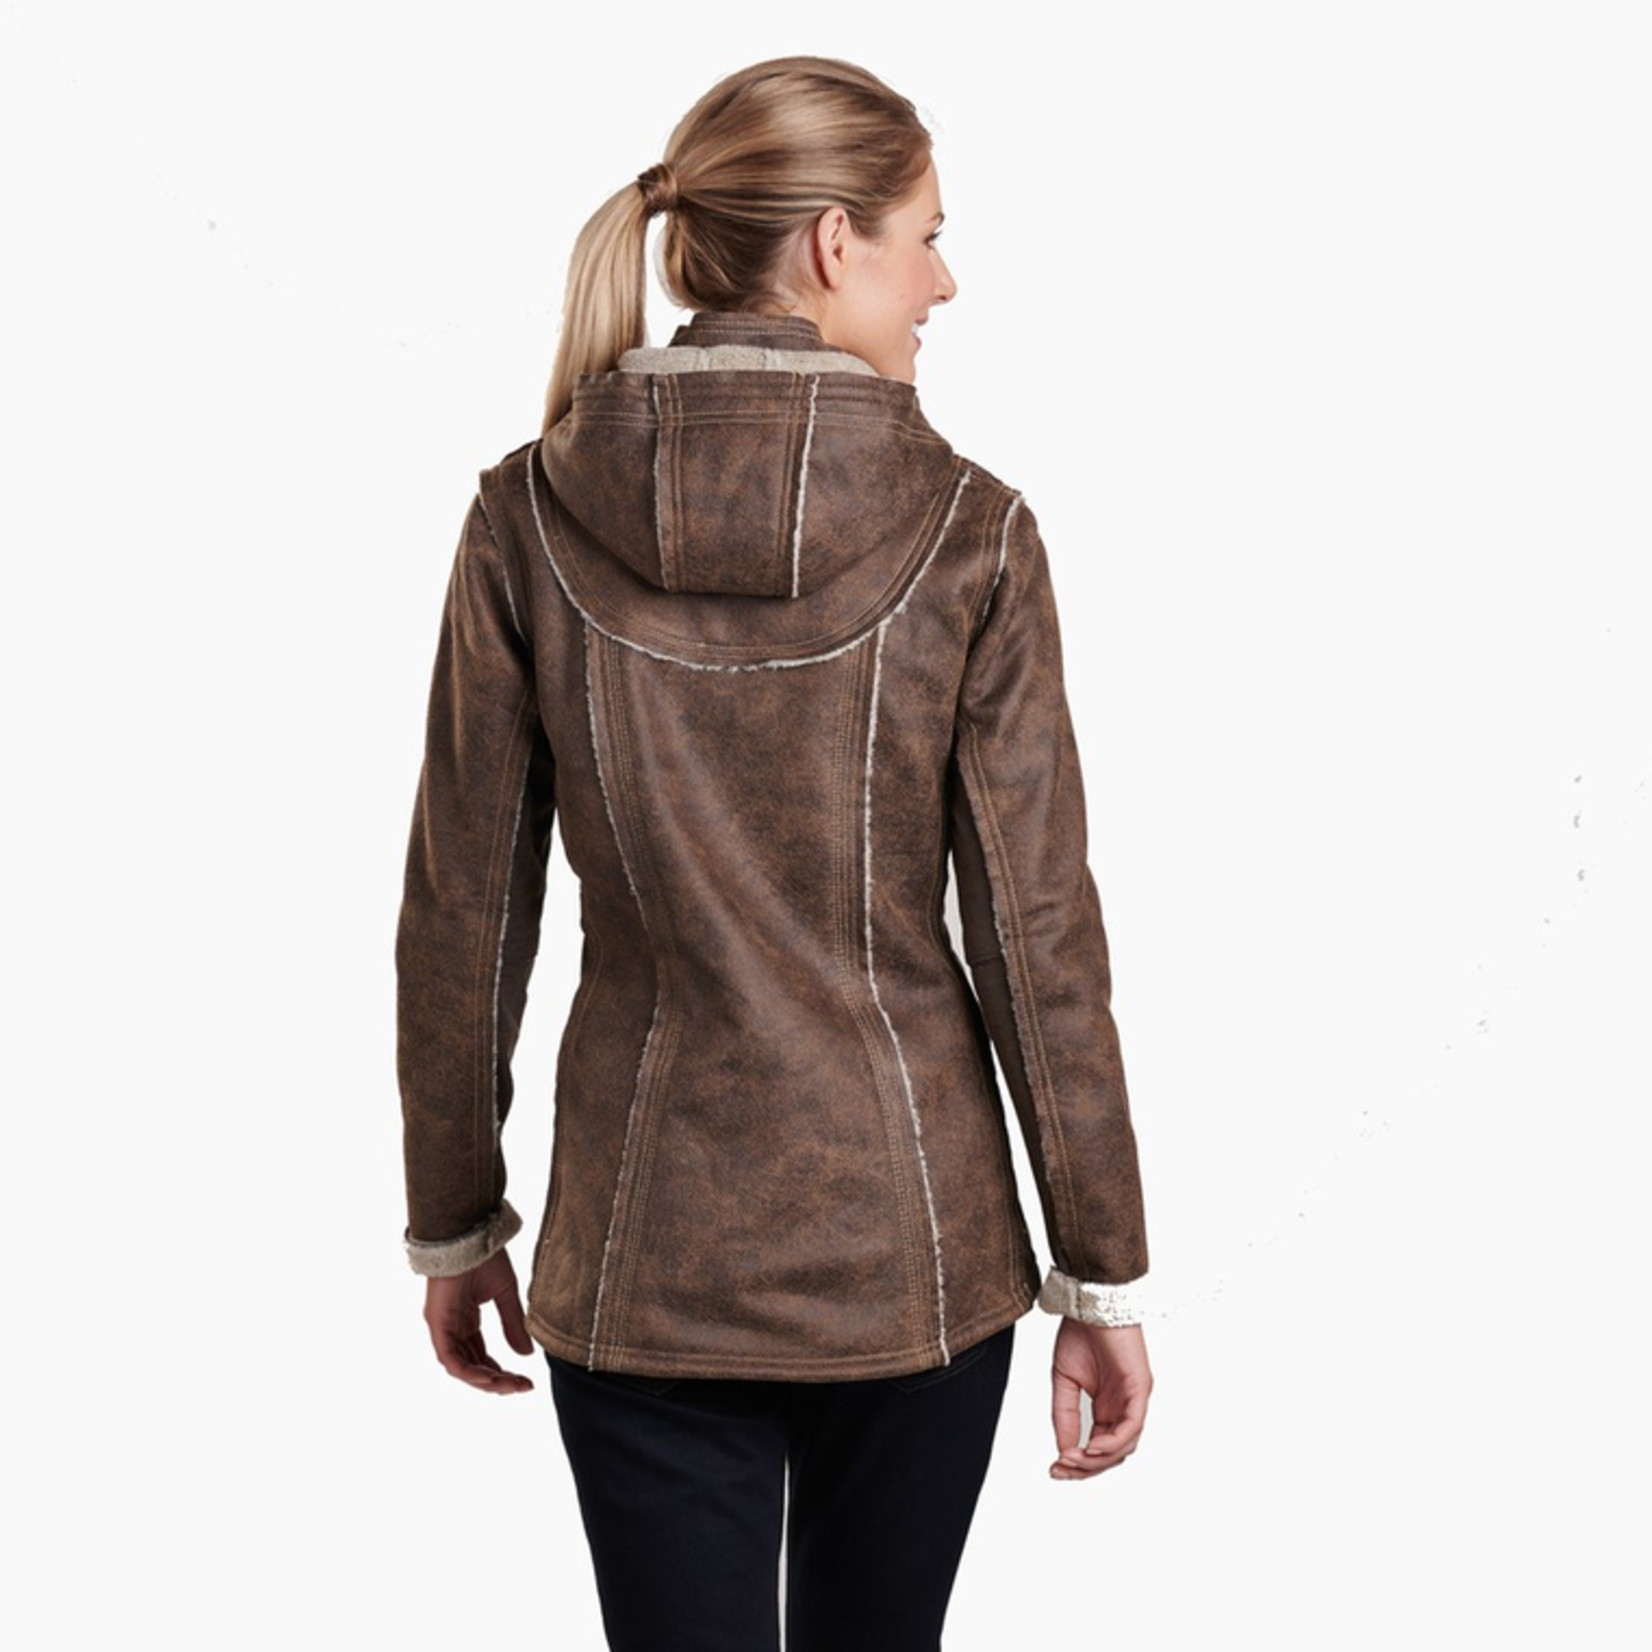 Kuhl Kuhl W's Dani Sherpa Jacket - P-139688